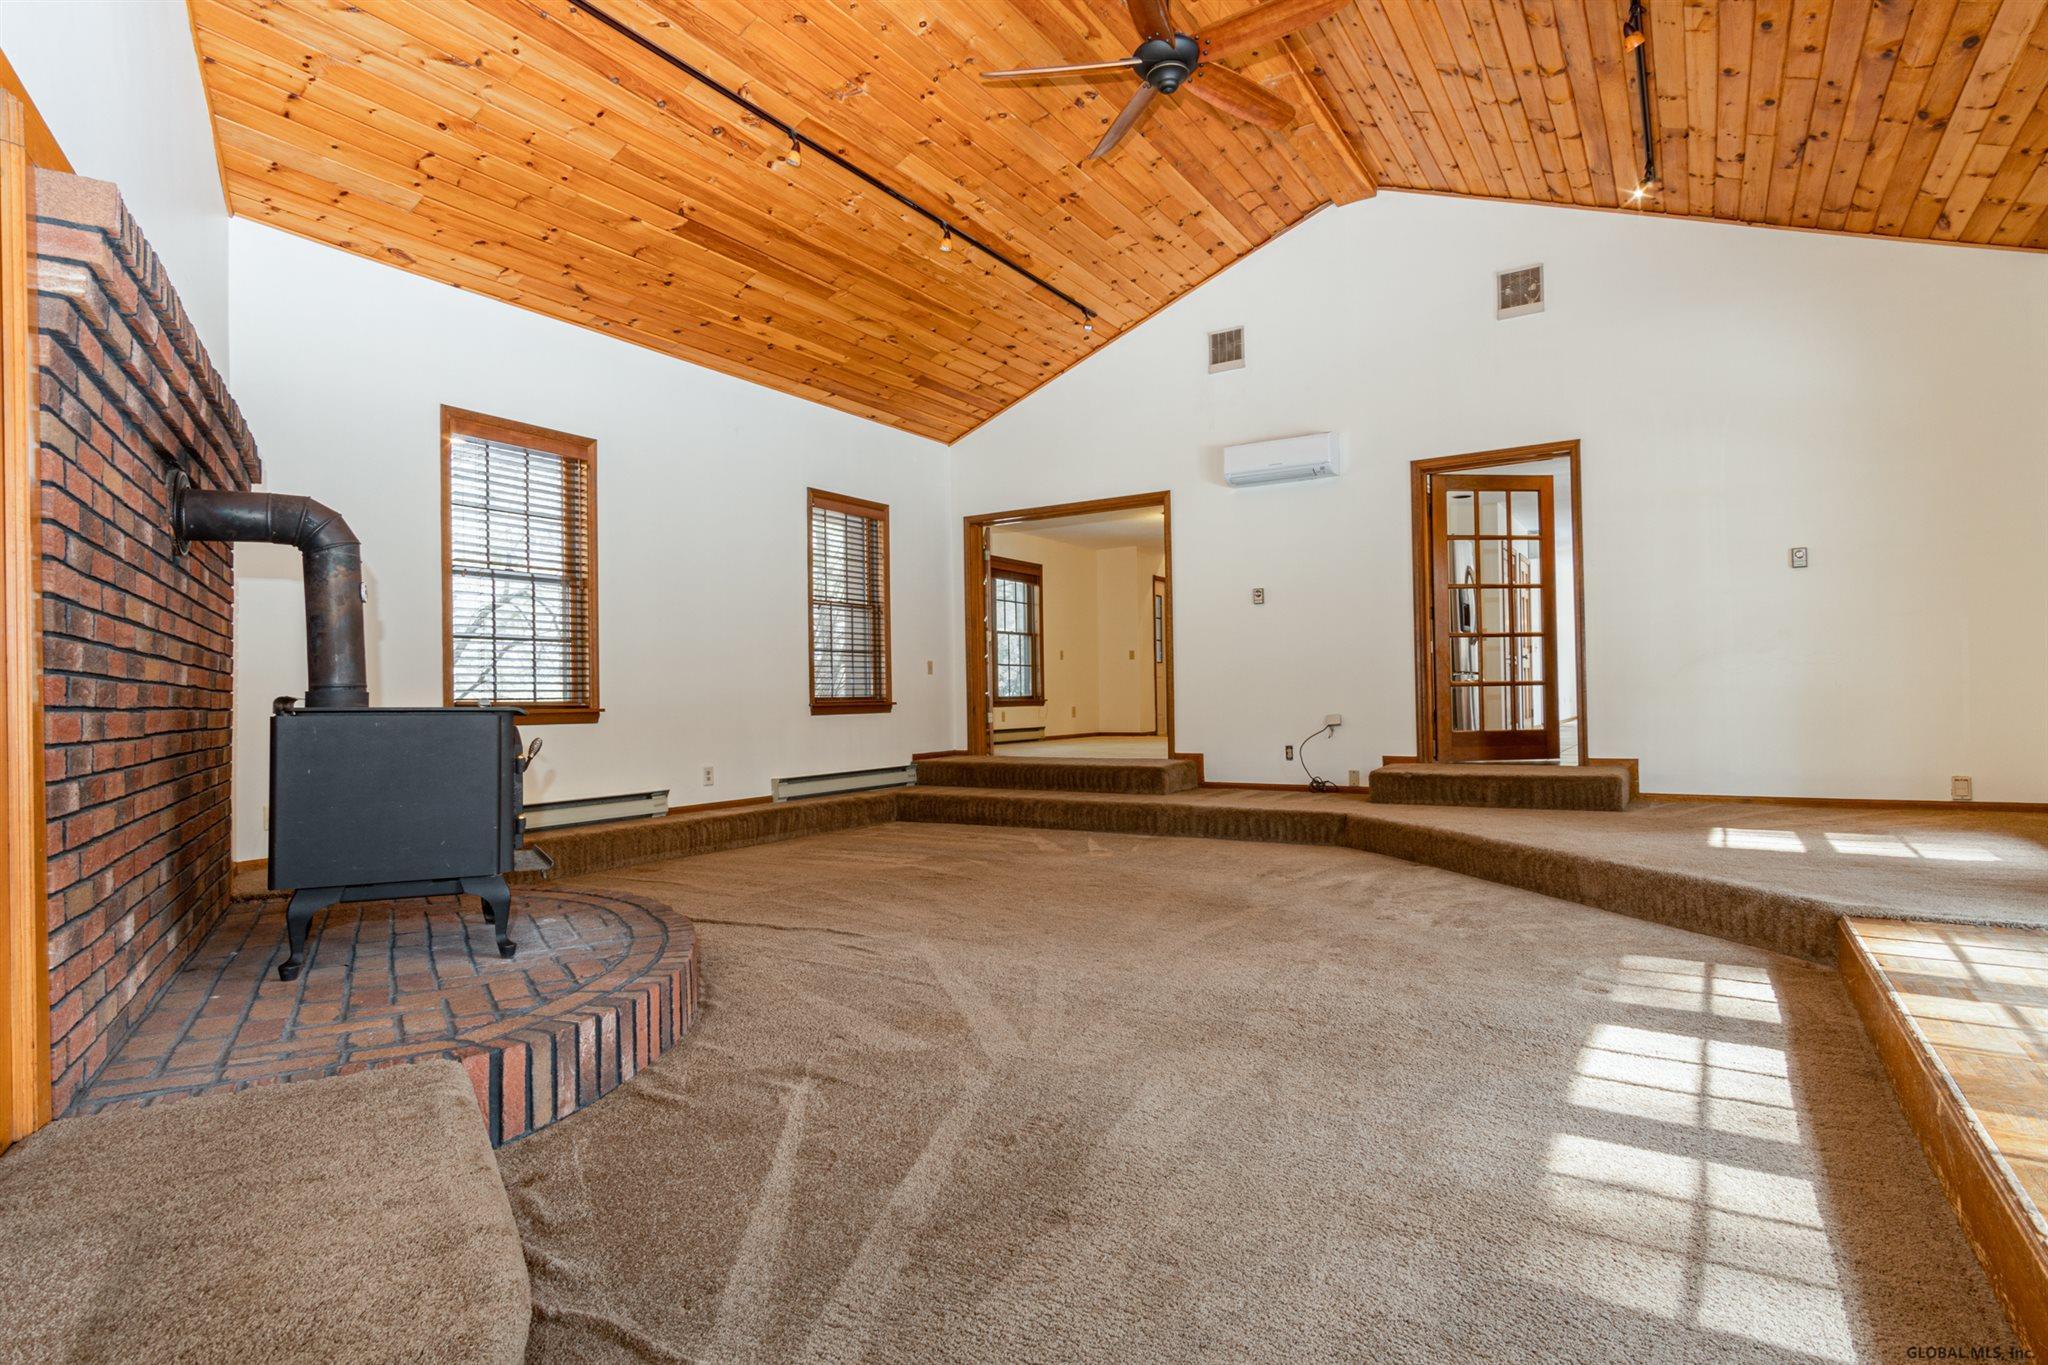 Fort Edward image 5